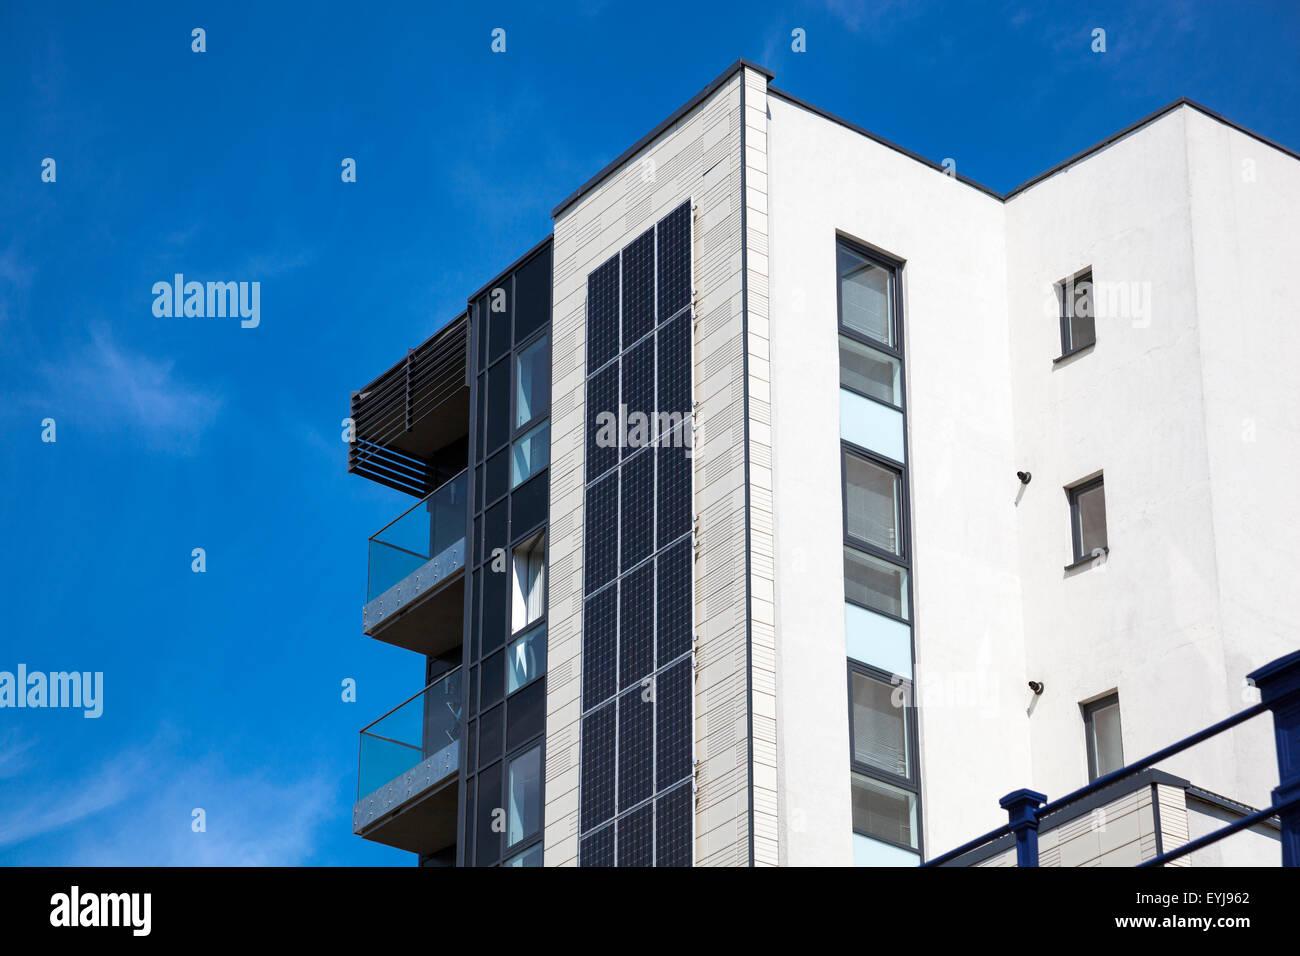 Moderno edificio con paneles solares en el lado Imagen De Stock